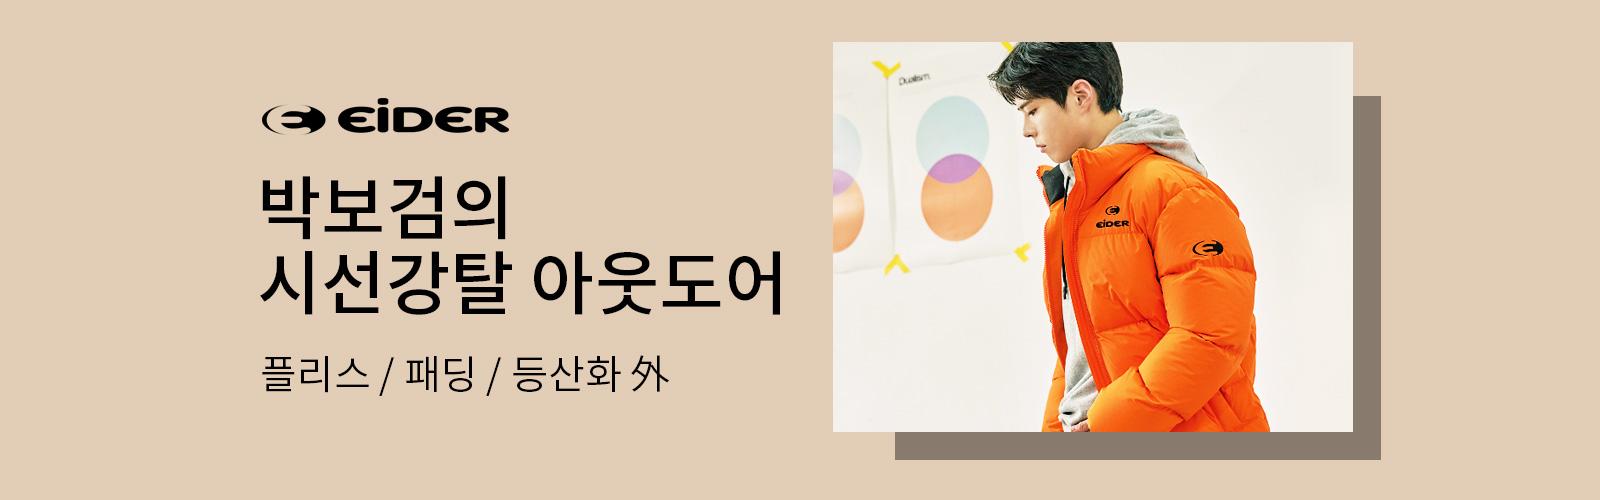 아이더 박보검의 시선강탈 아웃도어 플리스 패딩 등산화 외